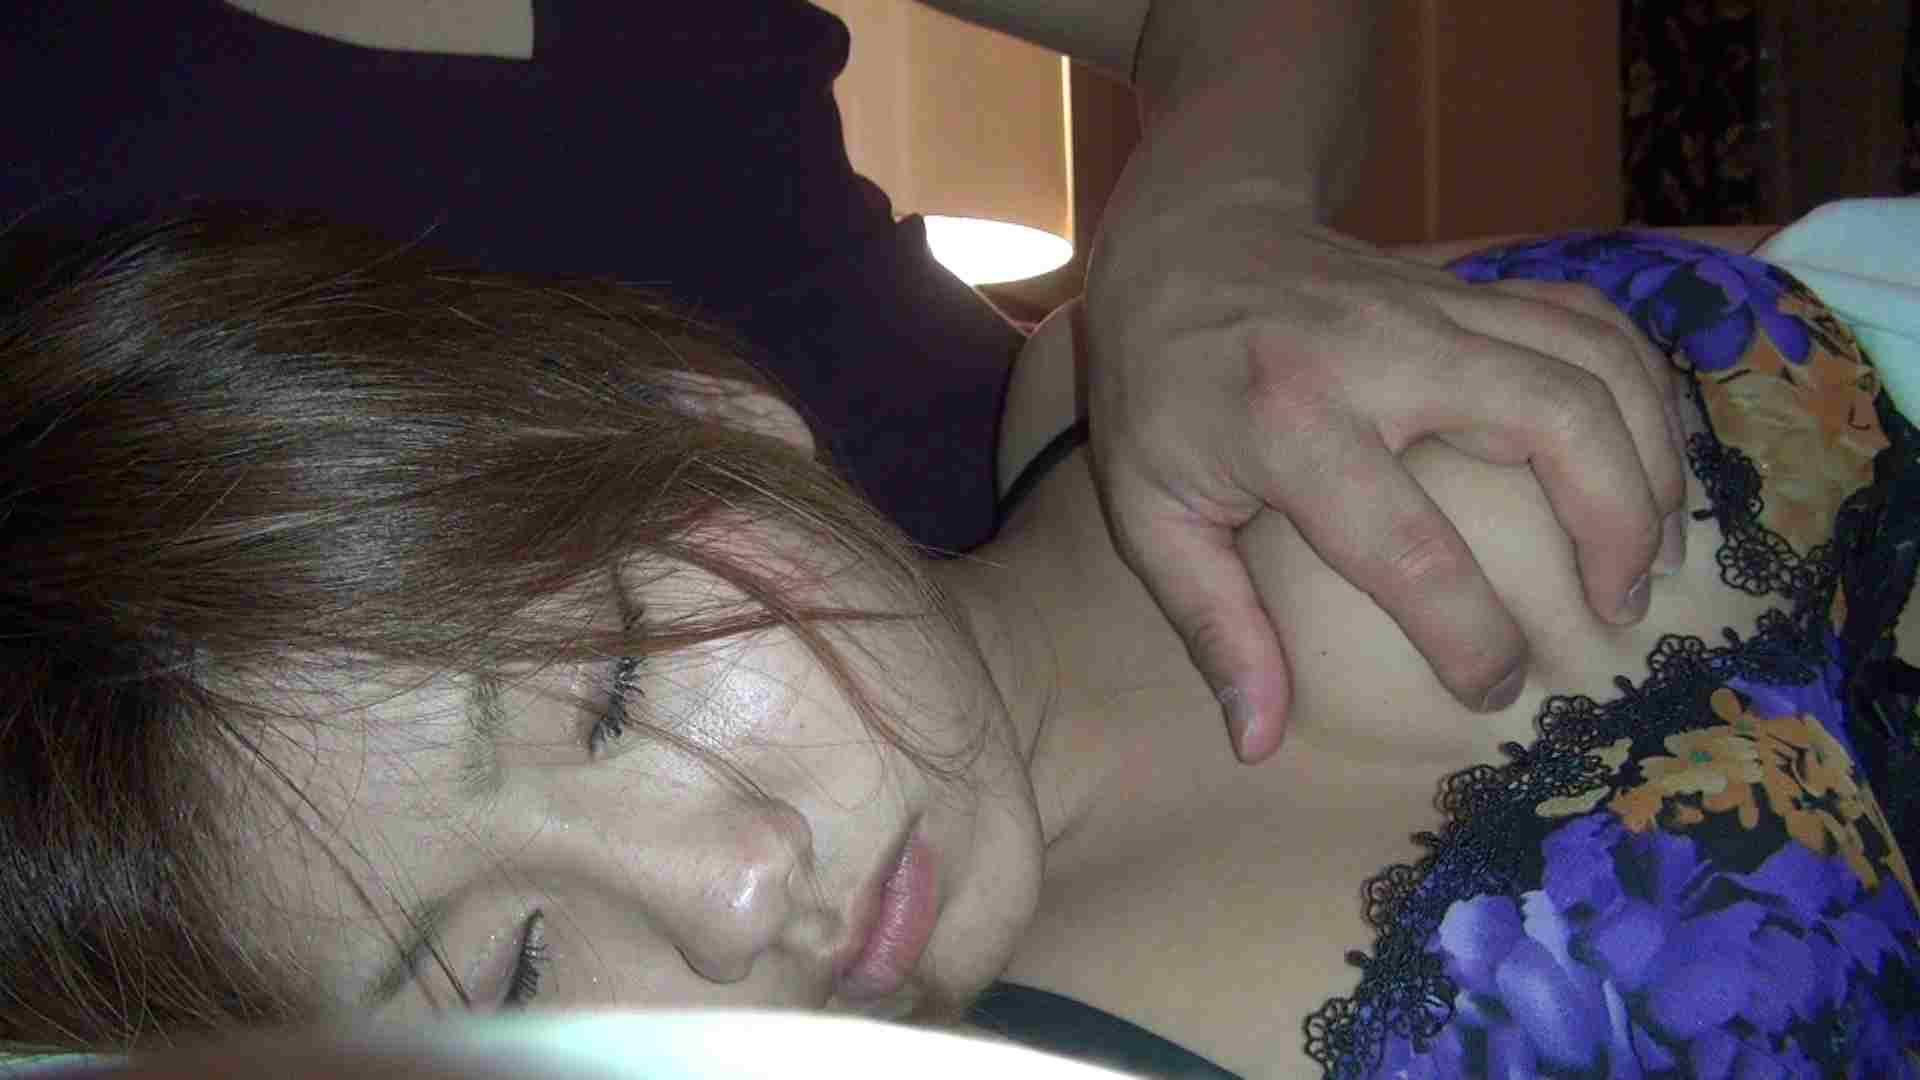 【出会い02】夢見になったのを確認後、大助さんから参加OKの電話をもらいました。 ホテル  57PIX 46